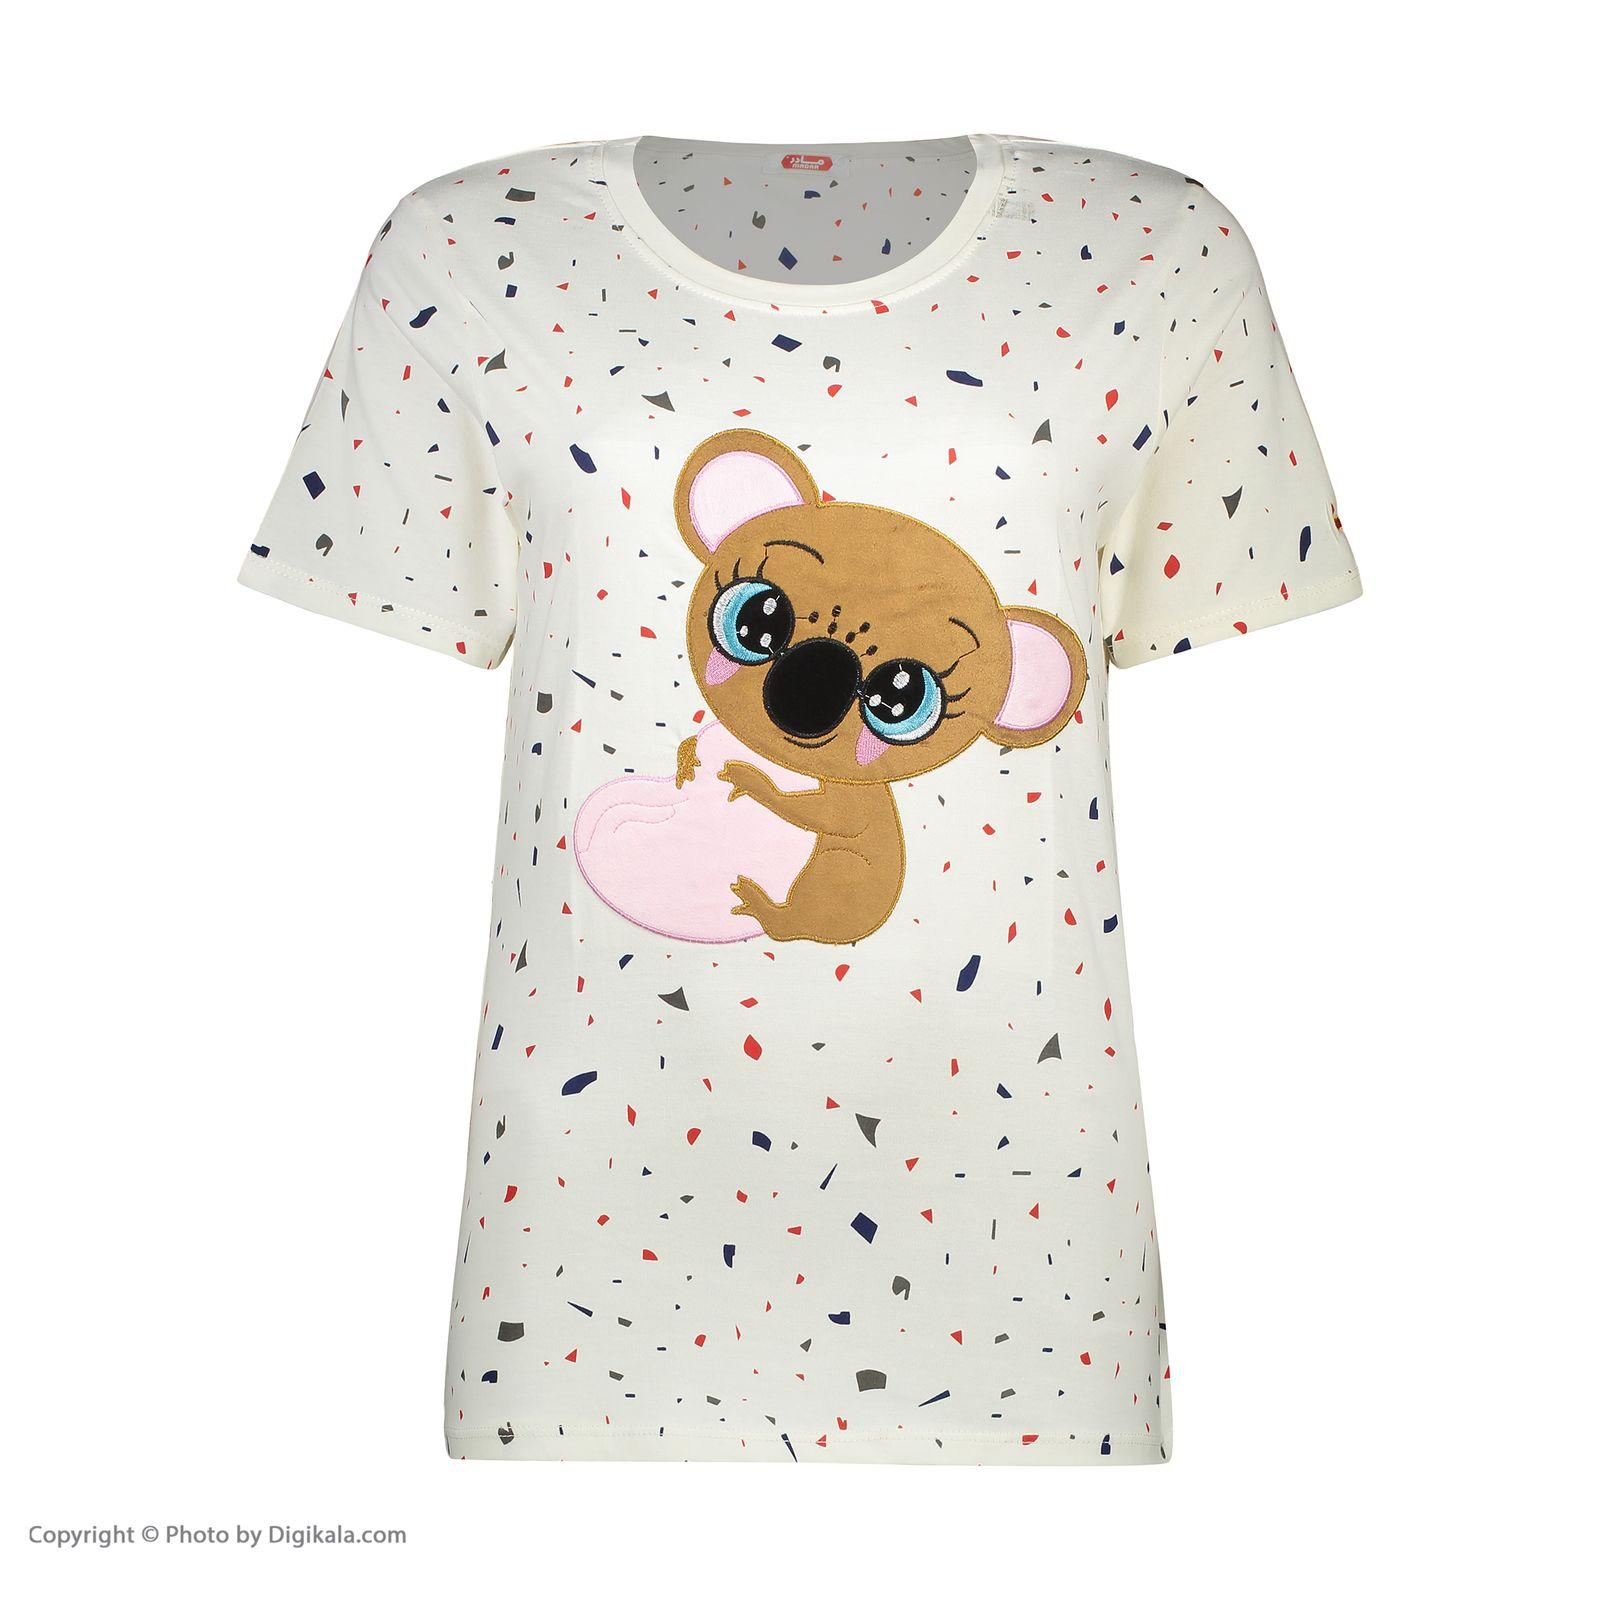 ست تی شرت و شلوارک راحتی زنانه مادر مدل 2041103-84 -  - 4